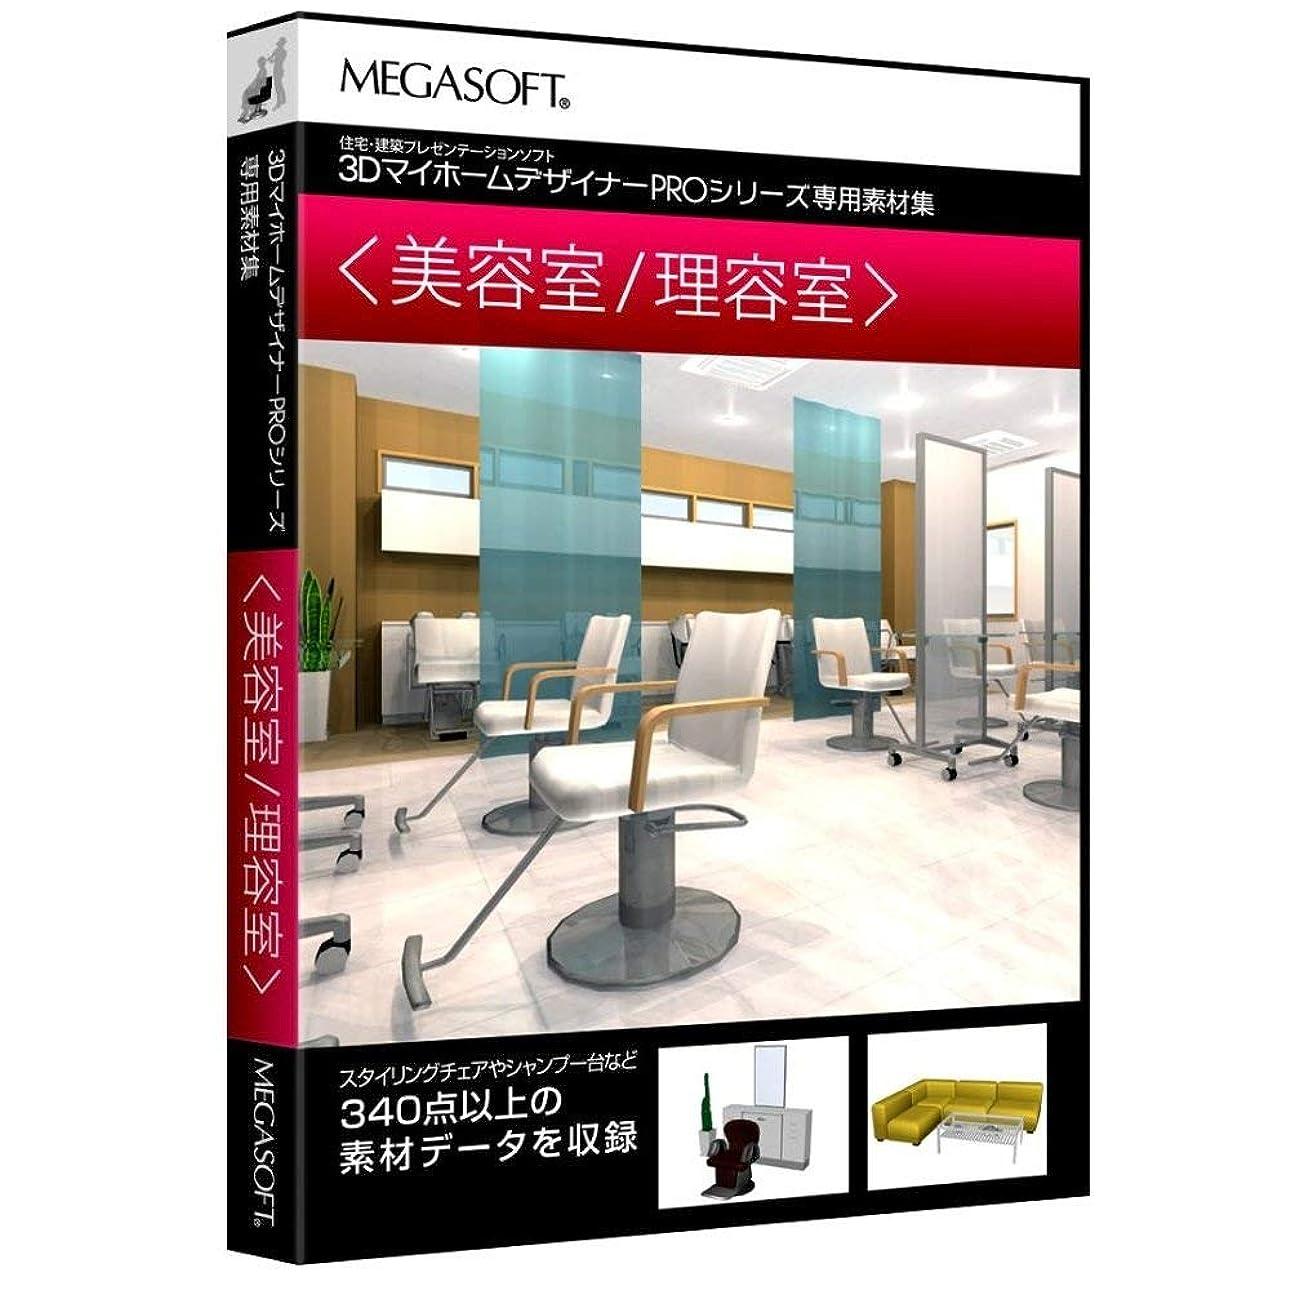 ぞっとするような写真忙しい3DマイホームデザイナーPRO専用素材集<美容室/理容室>